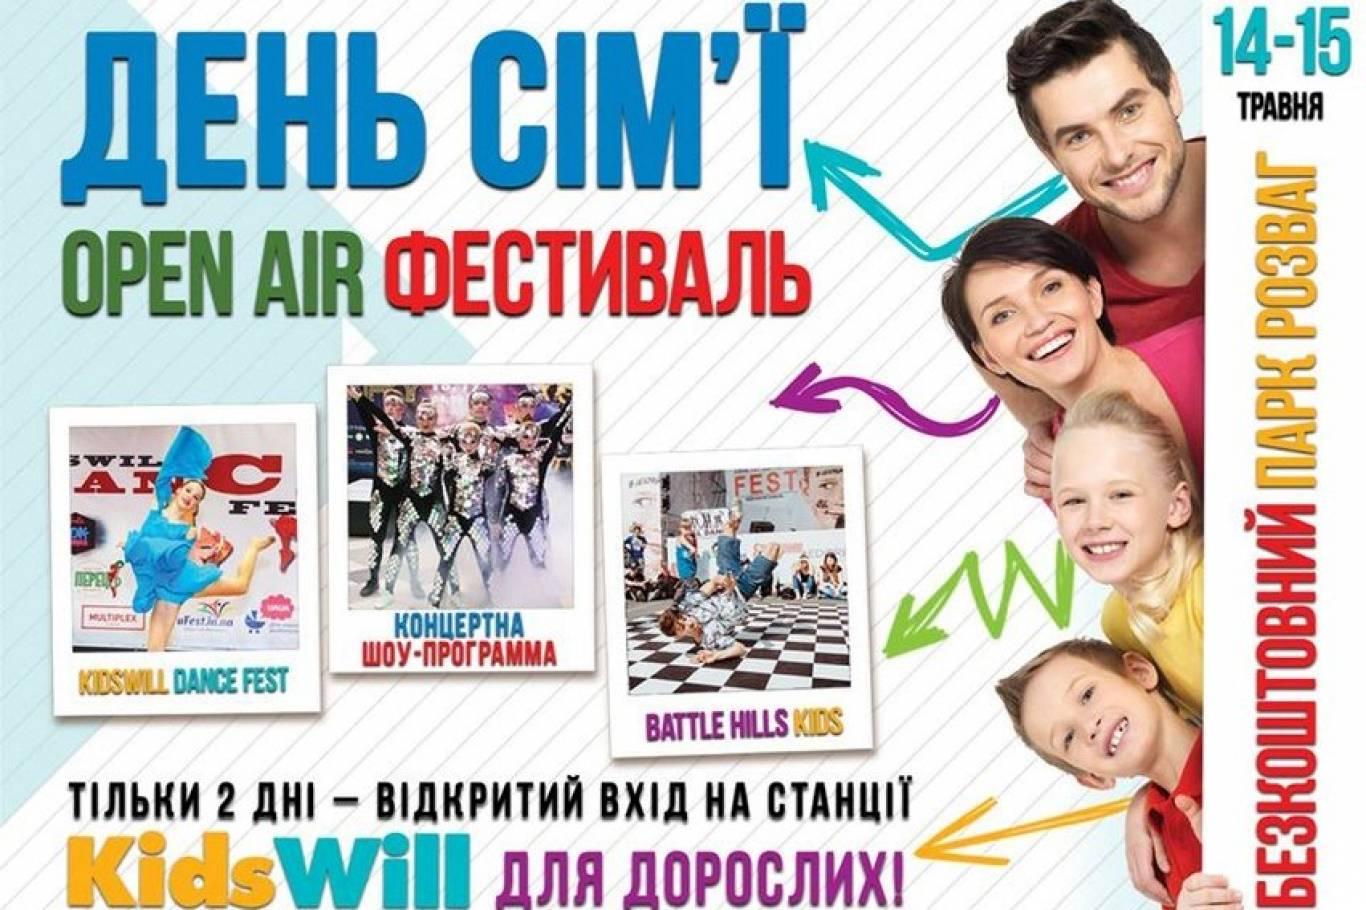 """OPEN AIR фестиваль """"День сім'ї"""": безкоштовний парк розваг"""